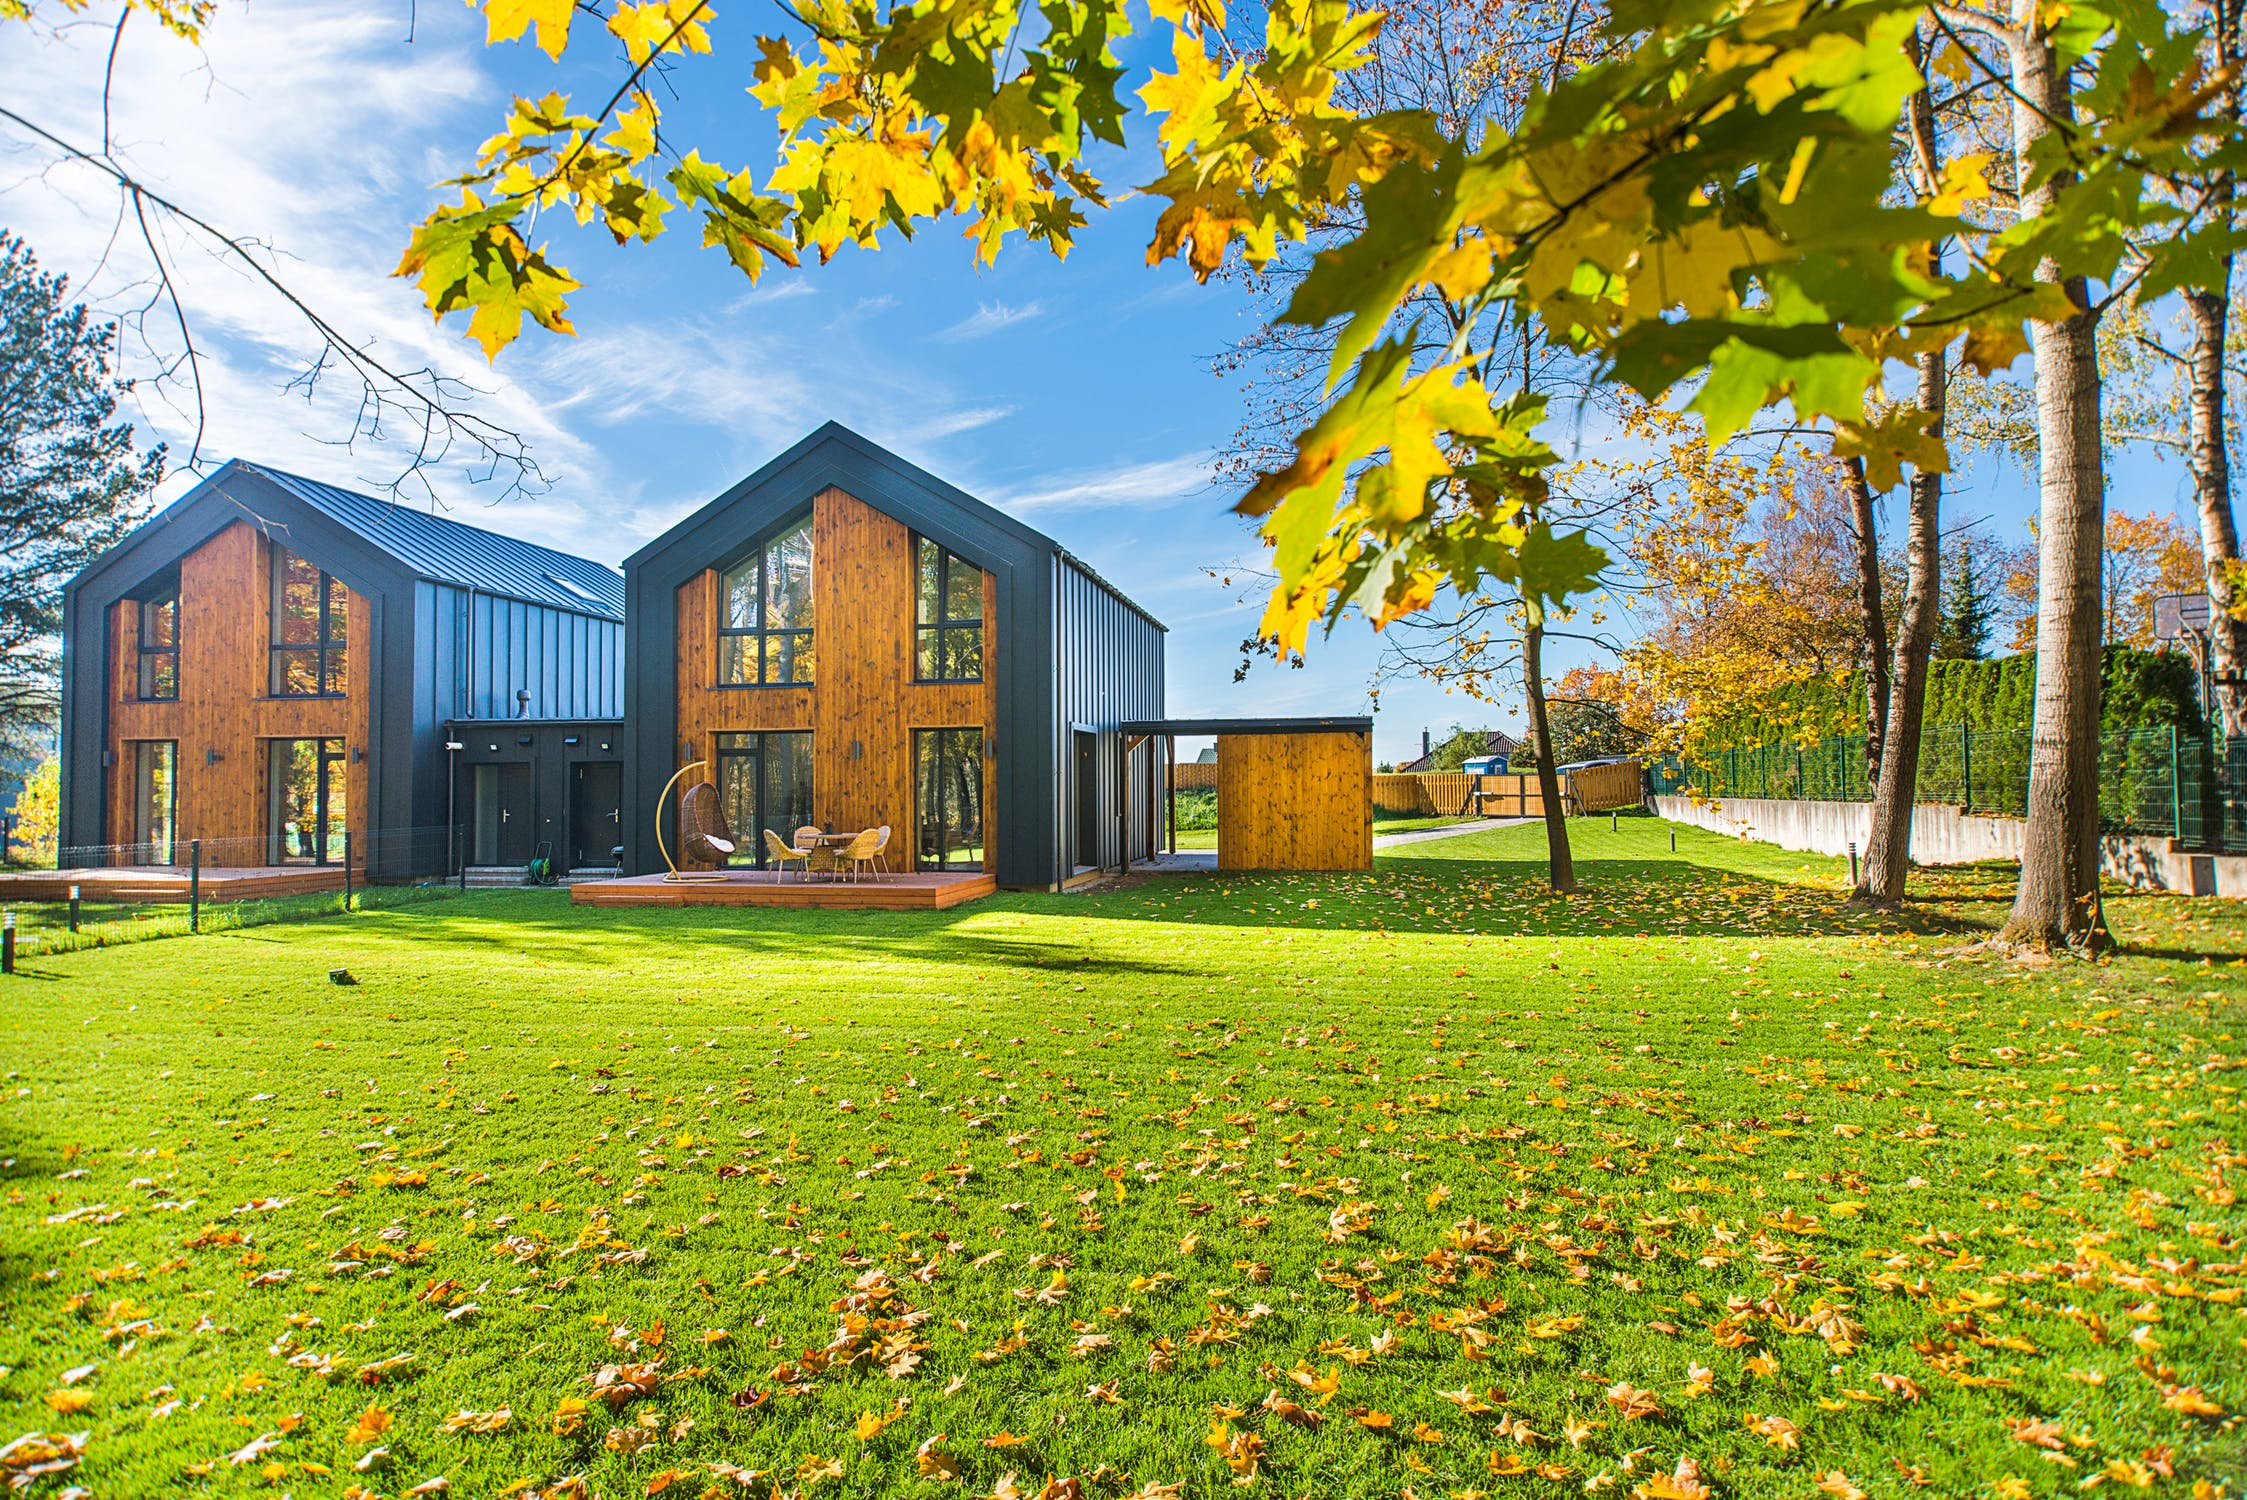 Maisons en bois construites dans le cadre d'un projet d'architecture bioclimatique